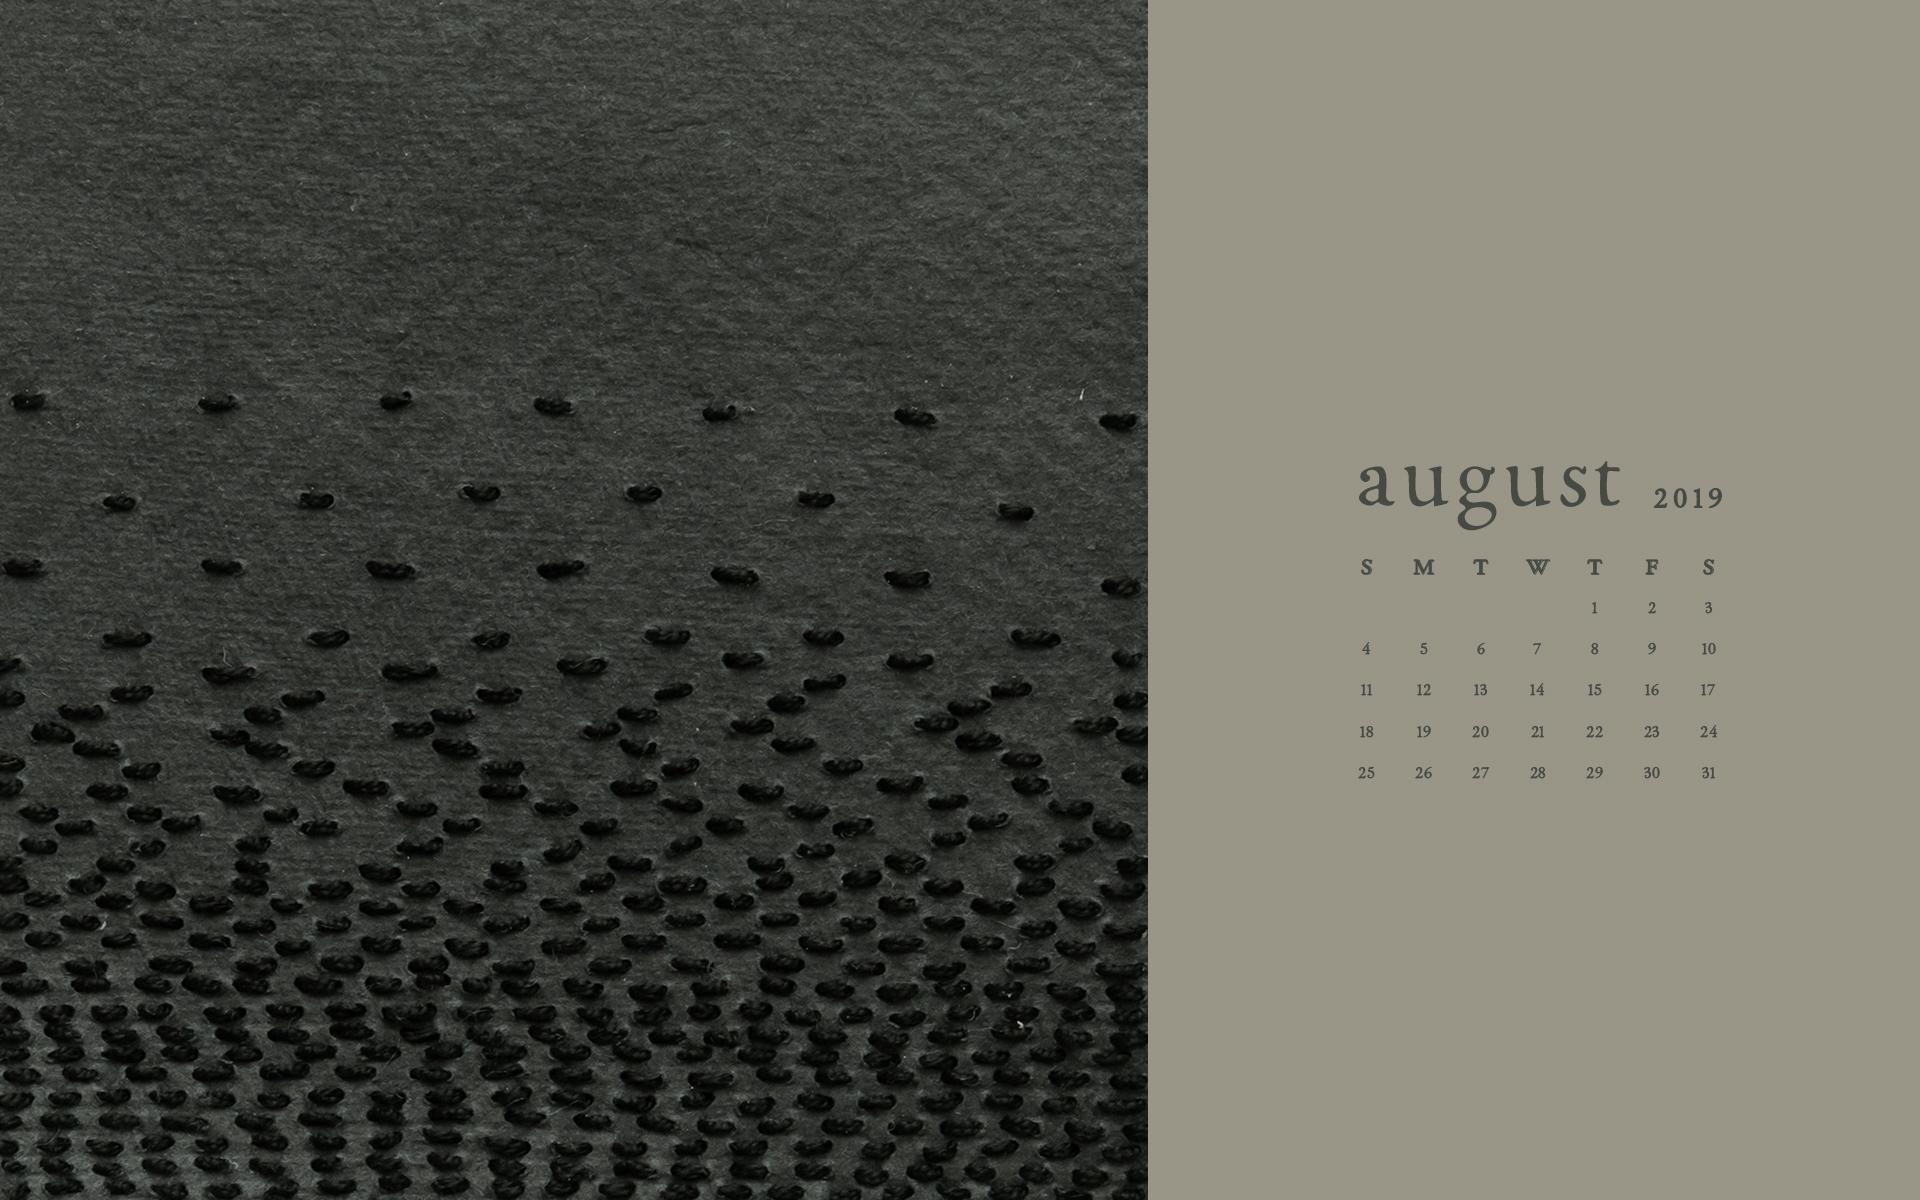 Wallpaper: August 2019 Calendar & Artwork | Computer | Britt Fabello